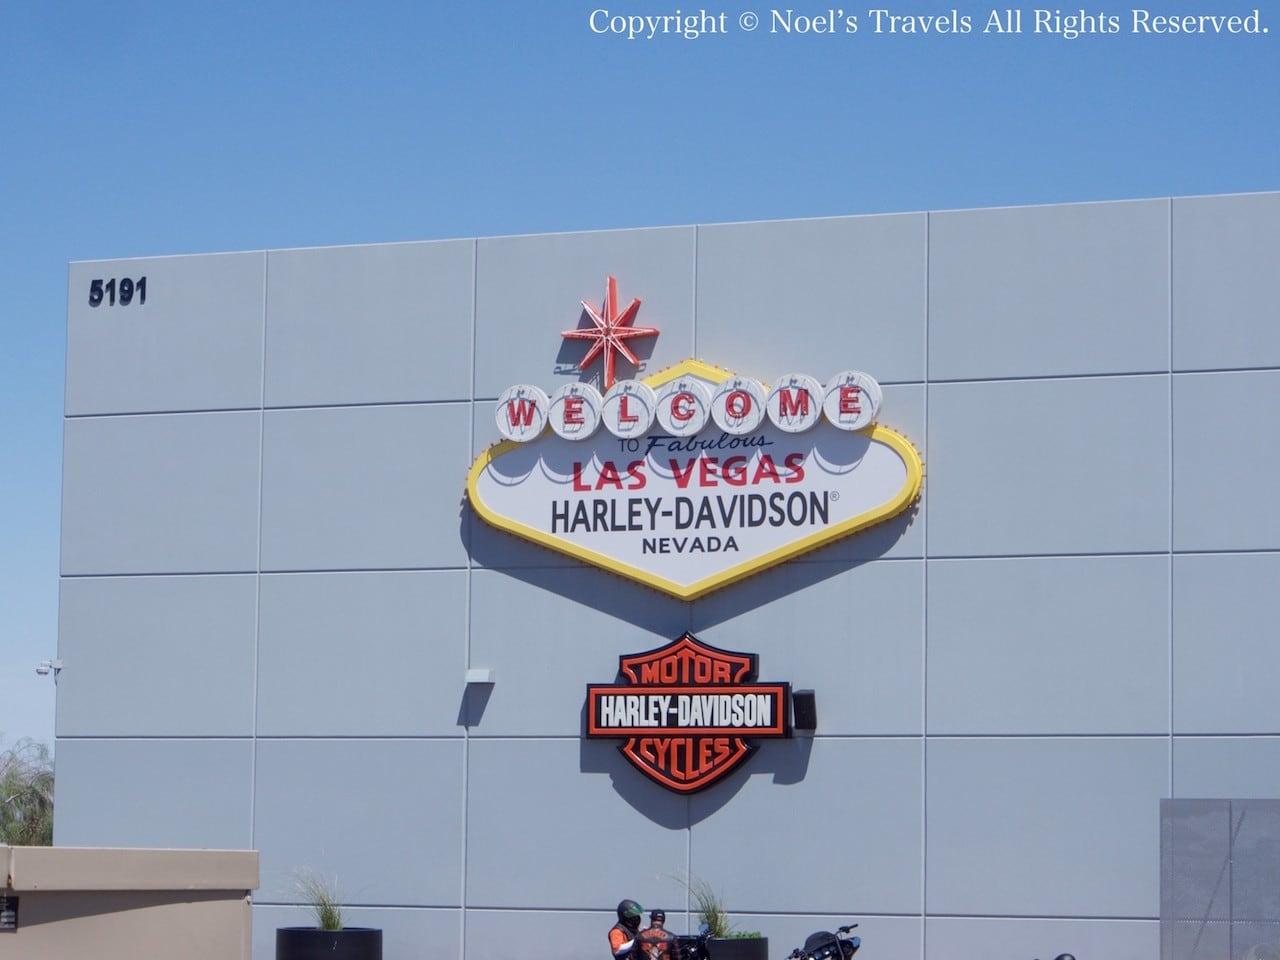 ラスベガスのハーレー・ダビッドソン